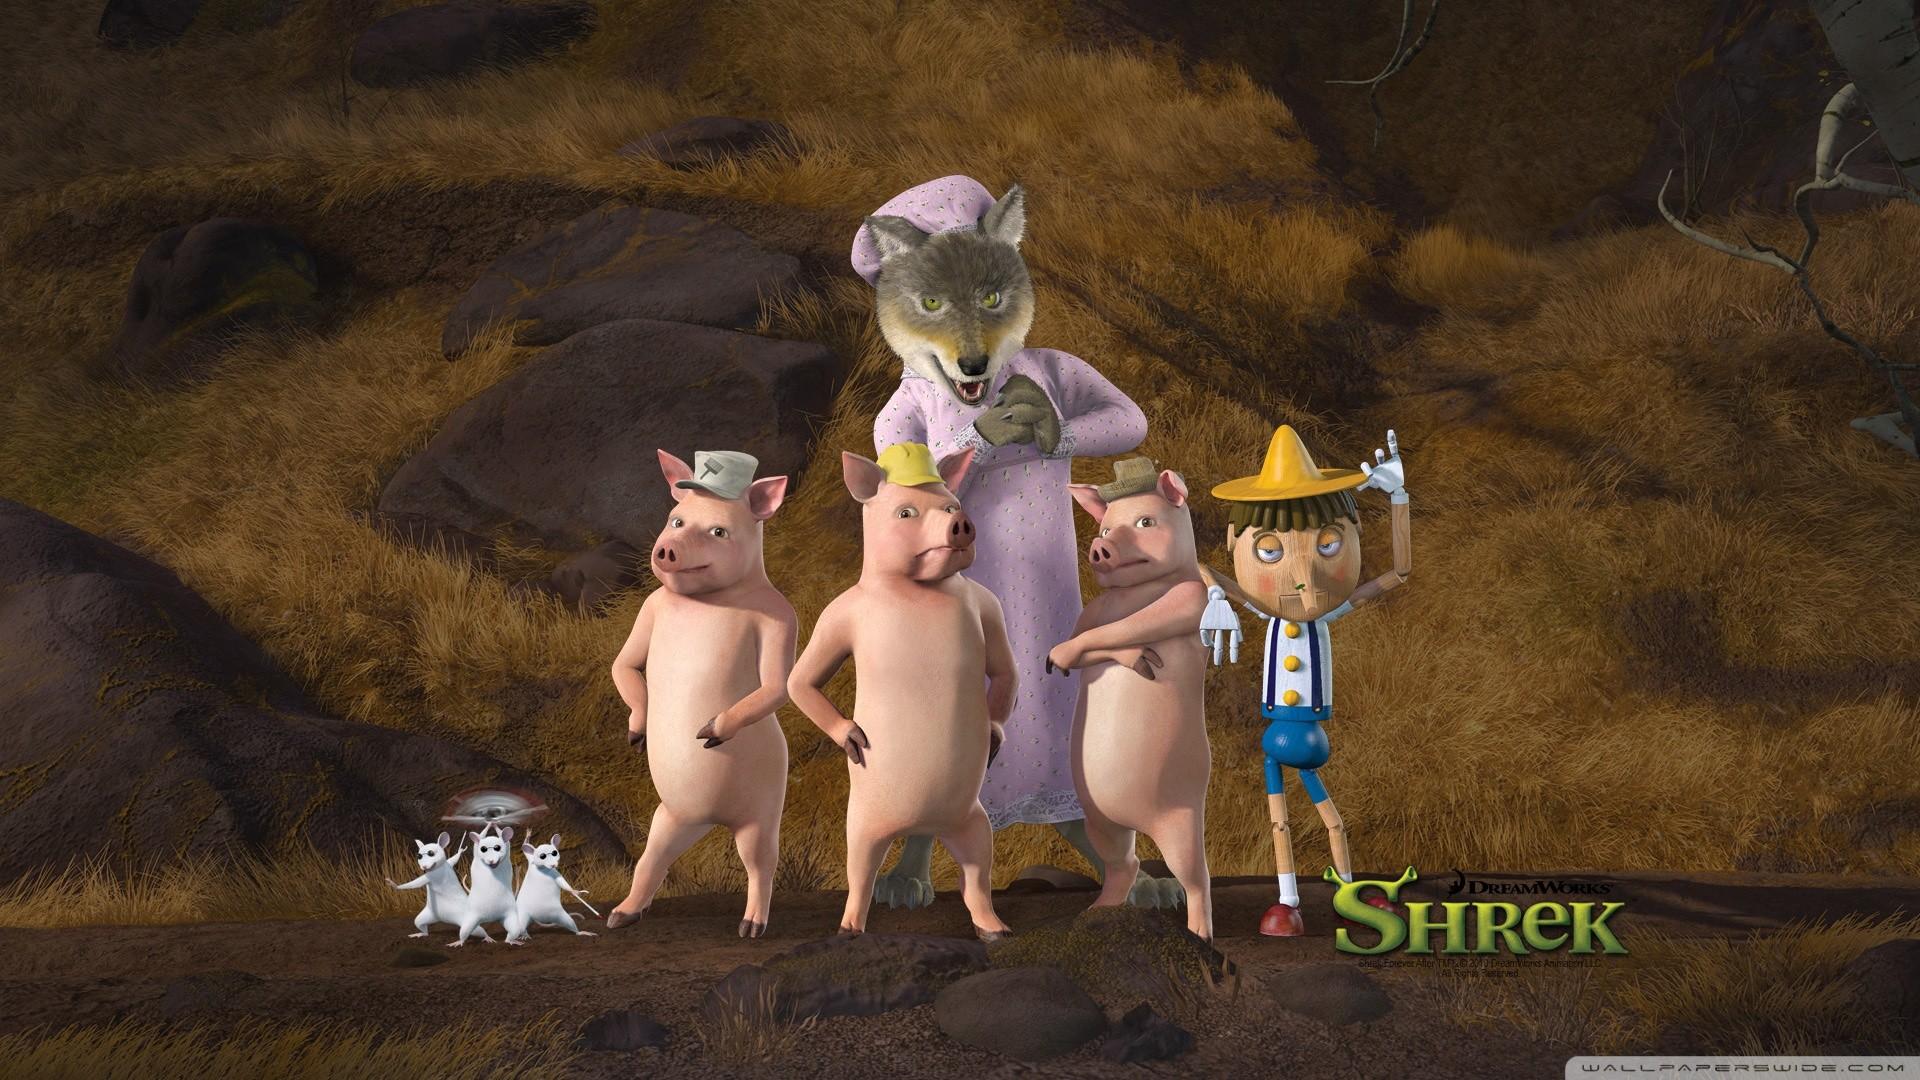 1920x1200 Shrek And Donkey HD Desktop Wallpaper Widescreen High